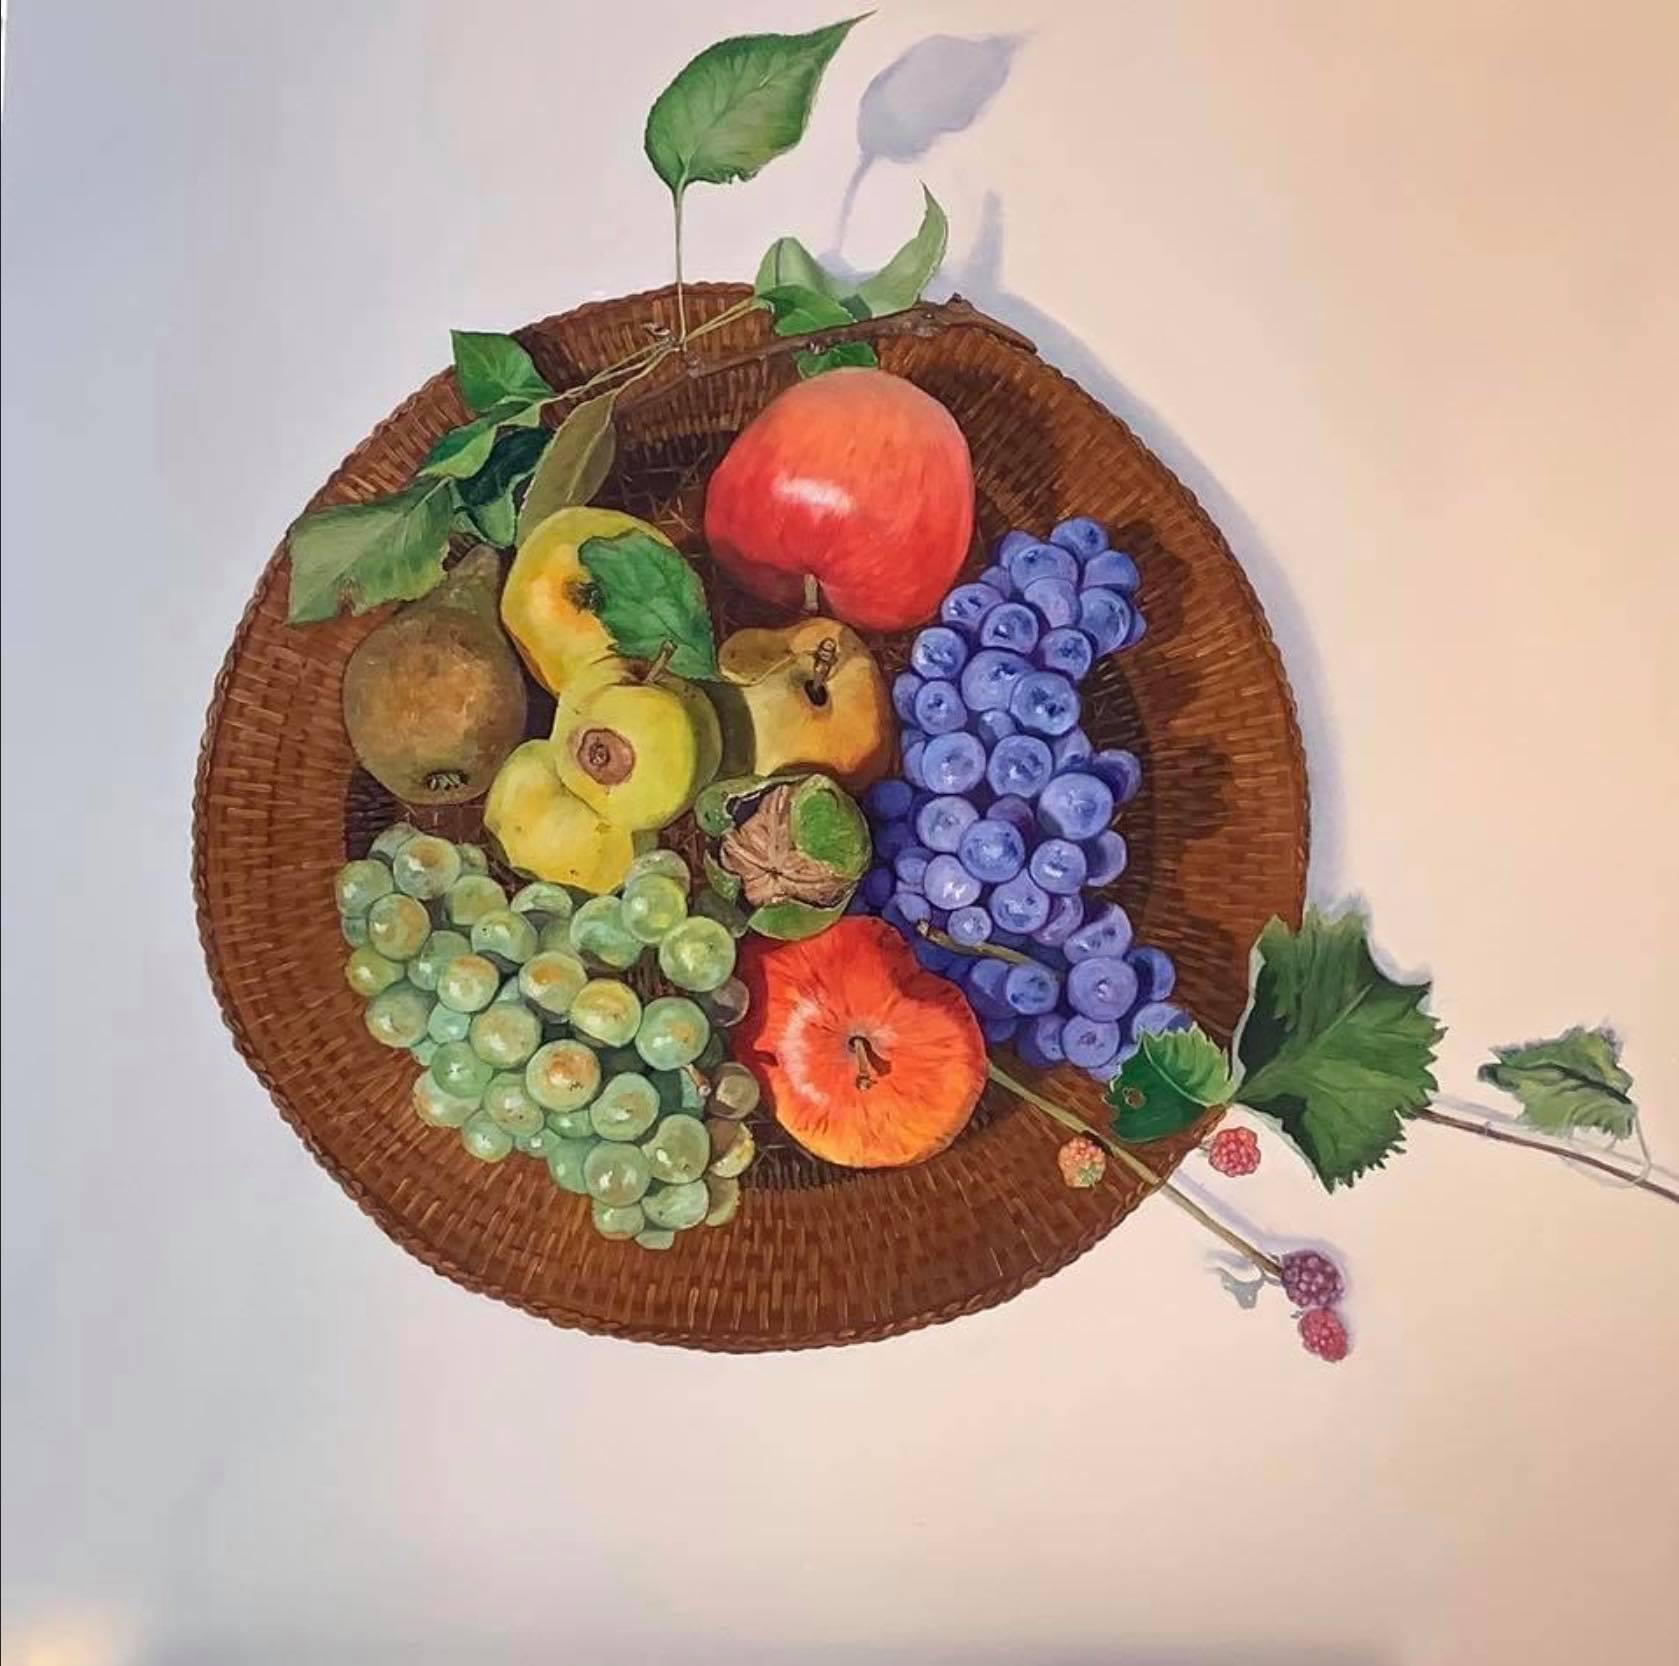 Vitamins 75 x 75 cm oil on panel